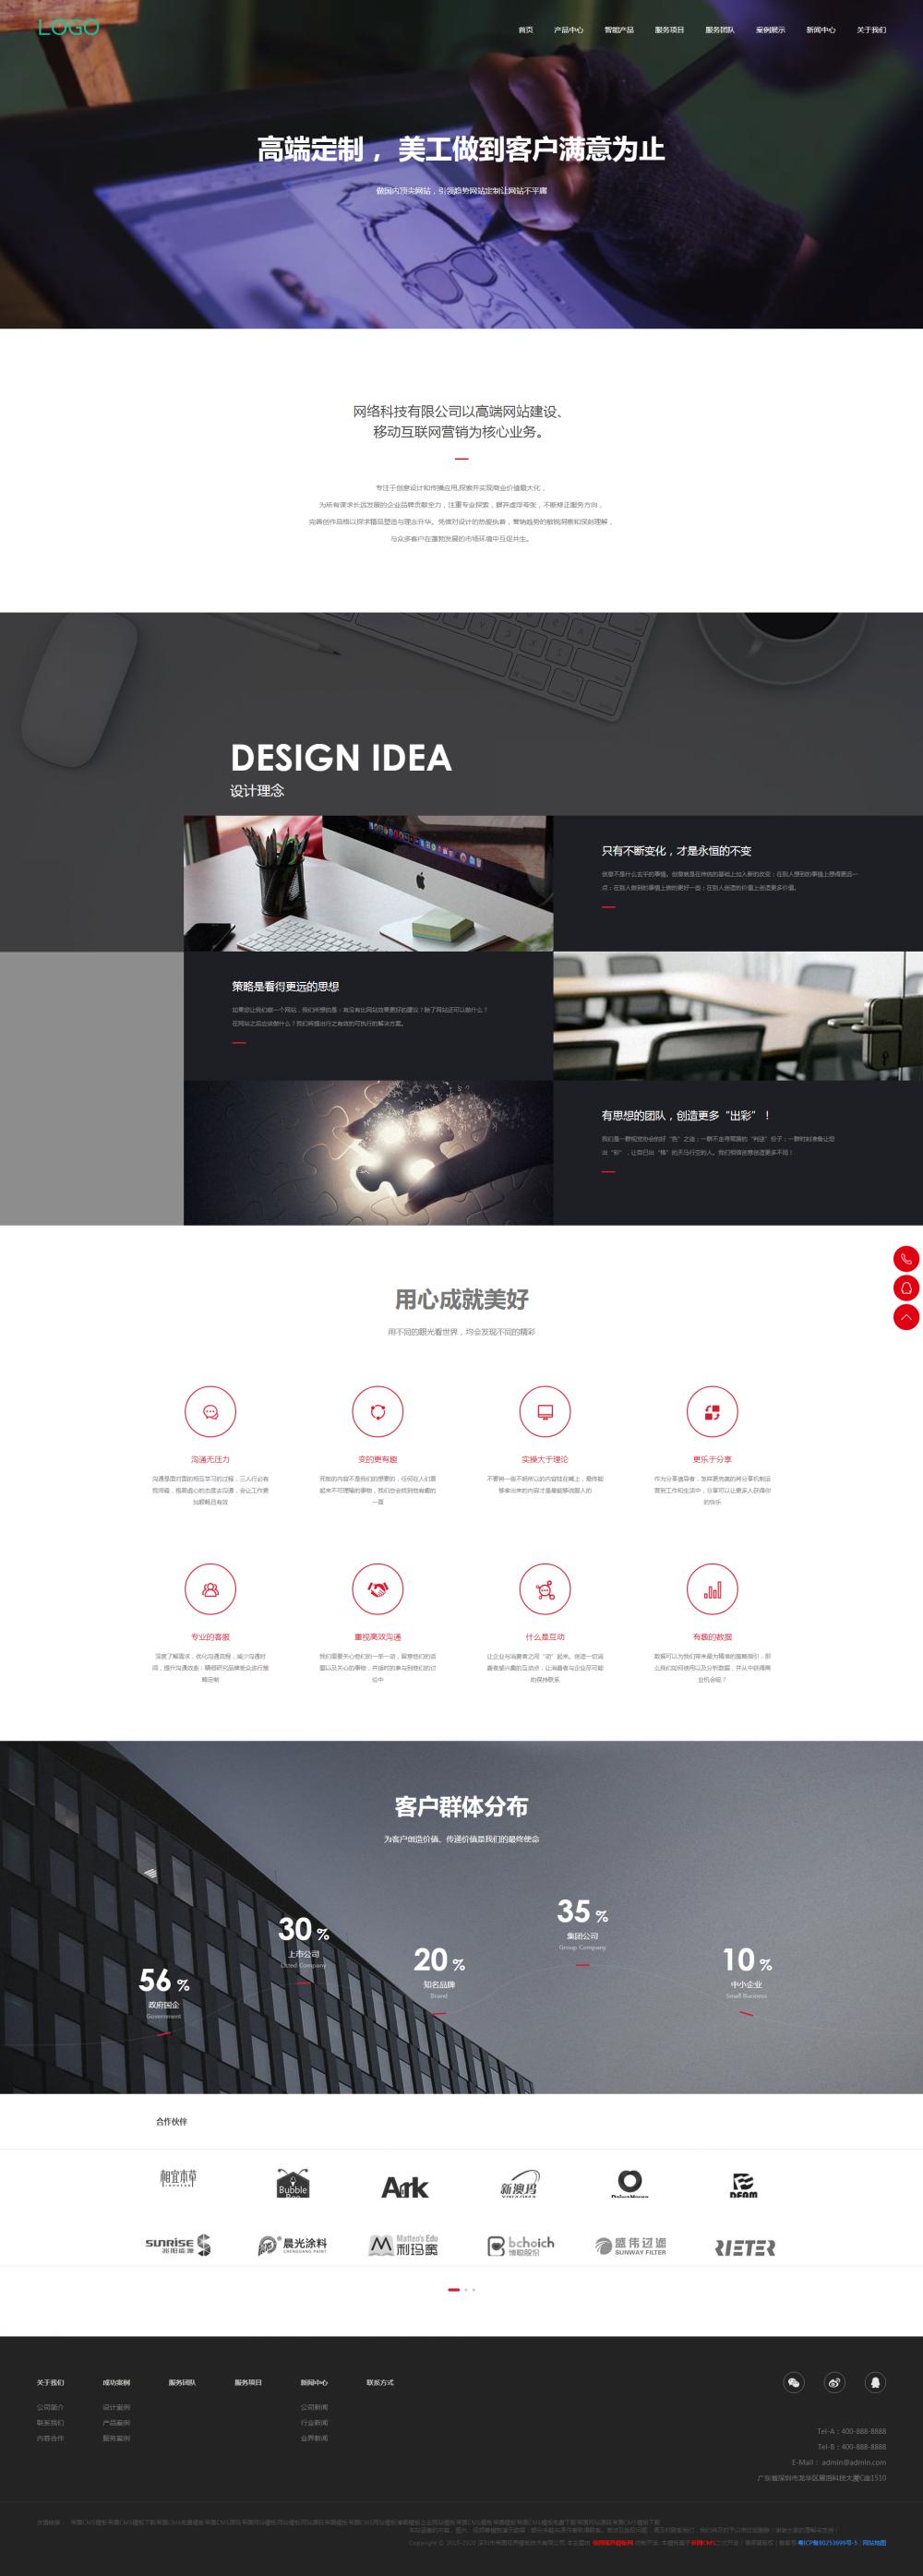 8关于我们.png [DG-110]响应式高端网站建设互联网营销类帝国CMS模板 html5建站设计公司网站源码(自适应手机版) 企业模板 第8张